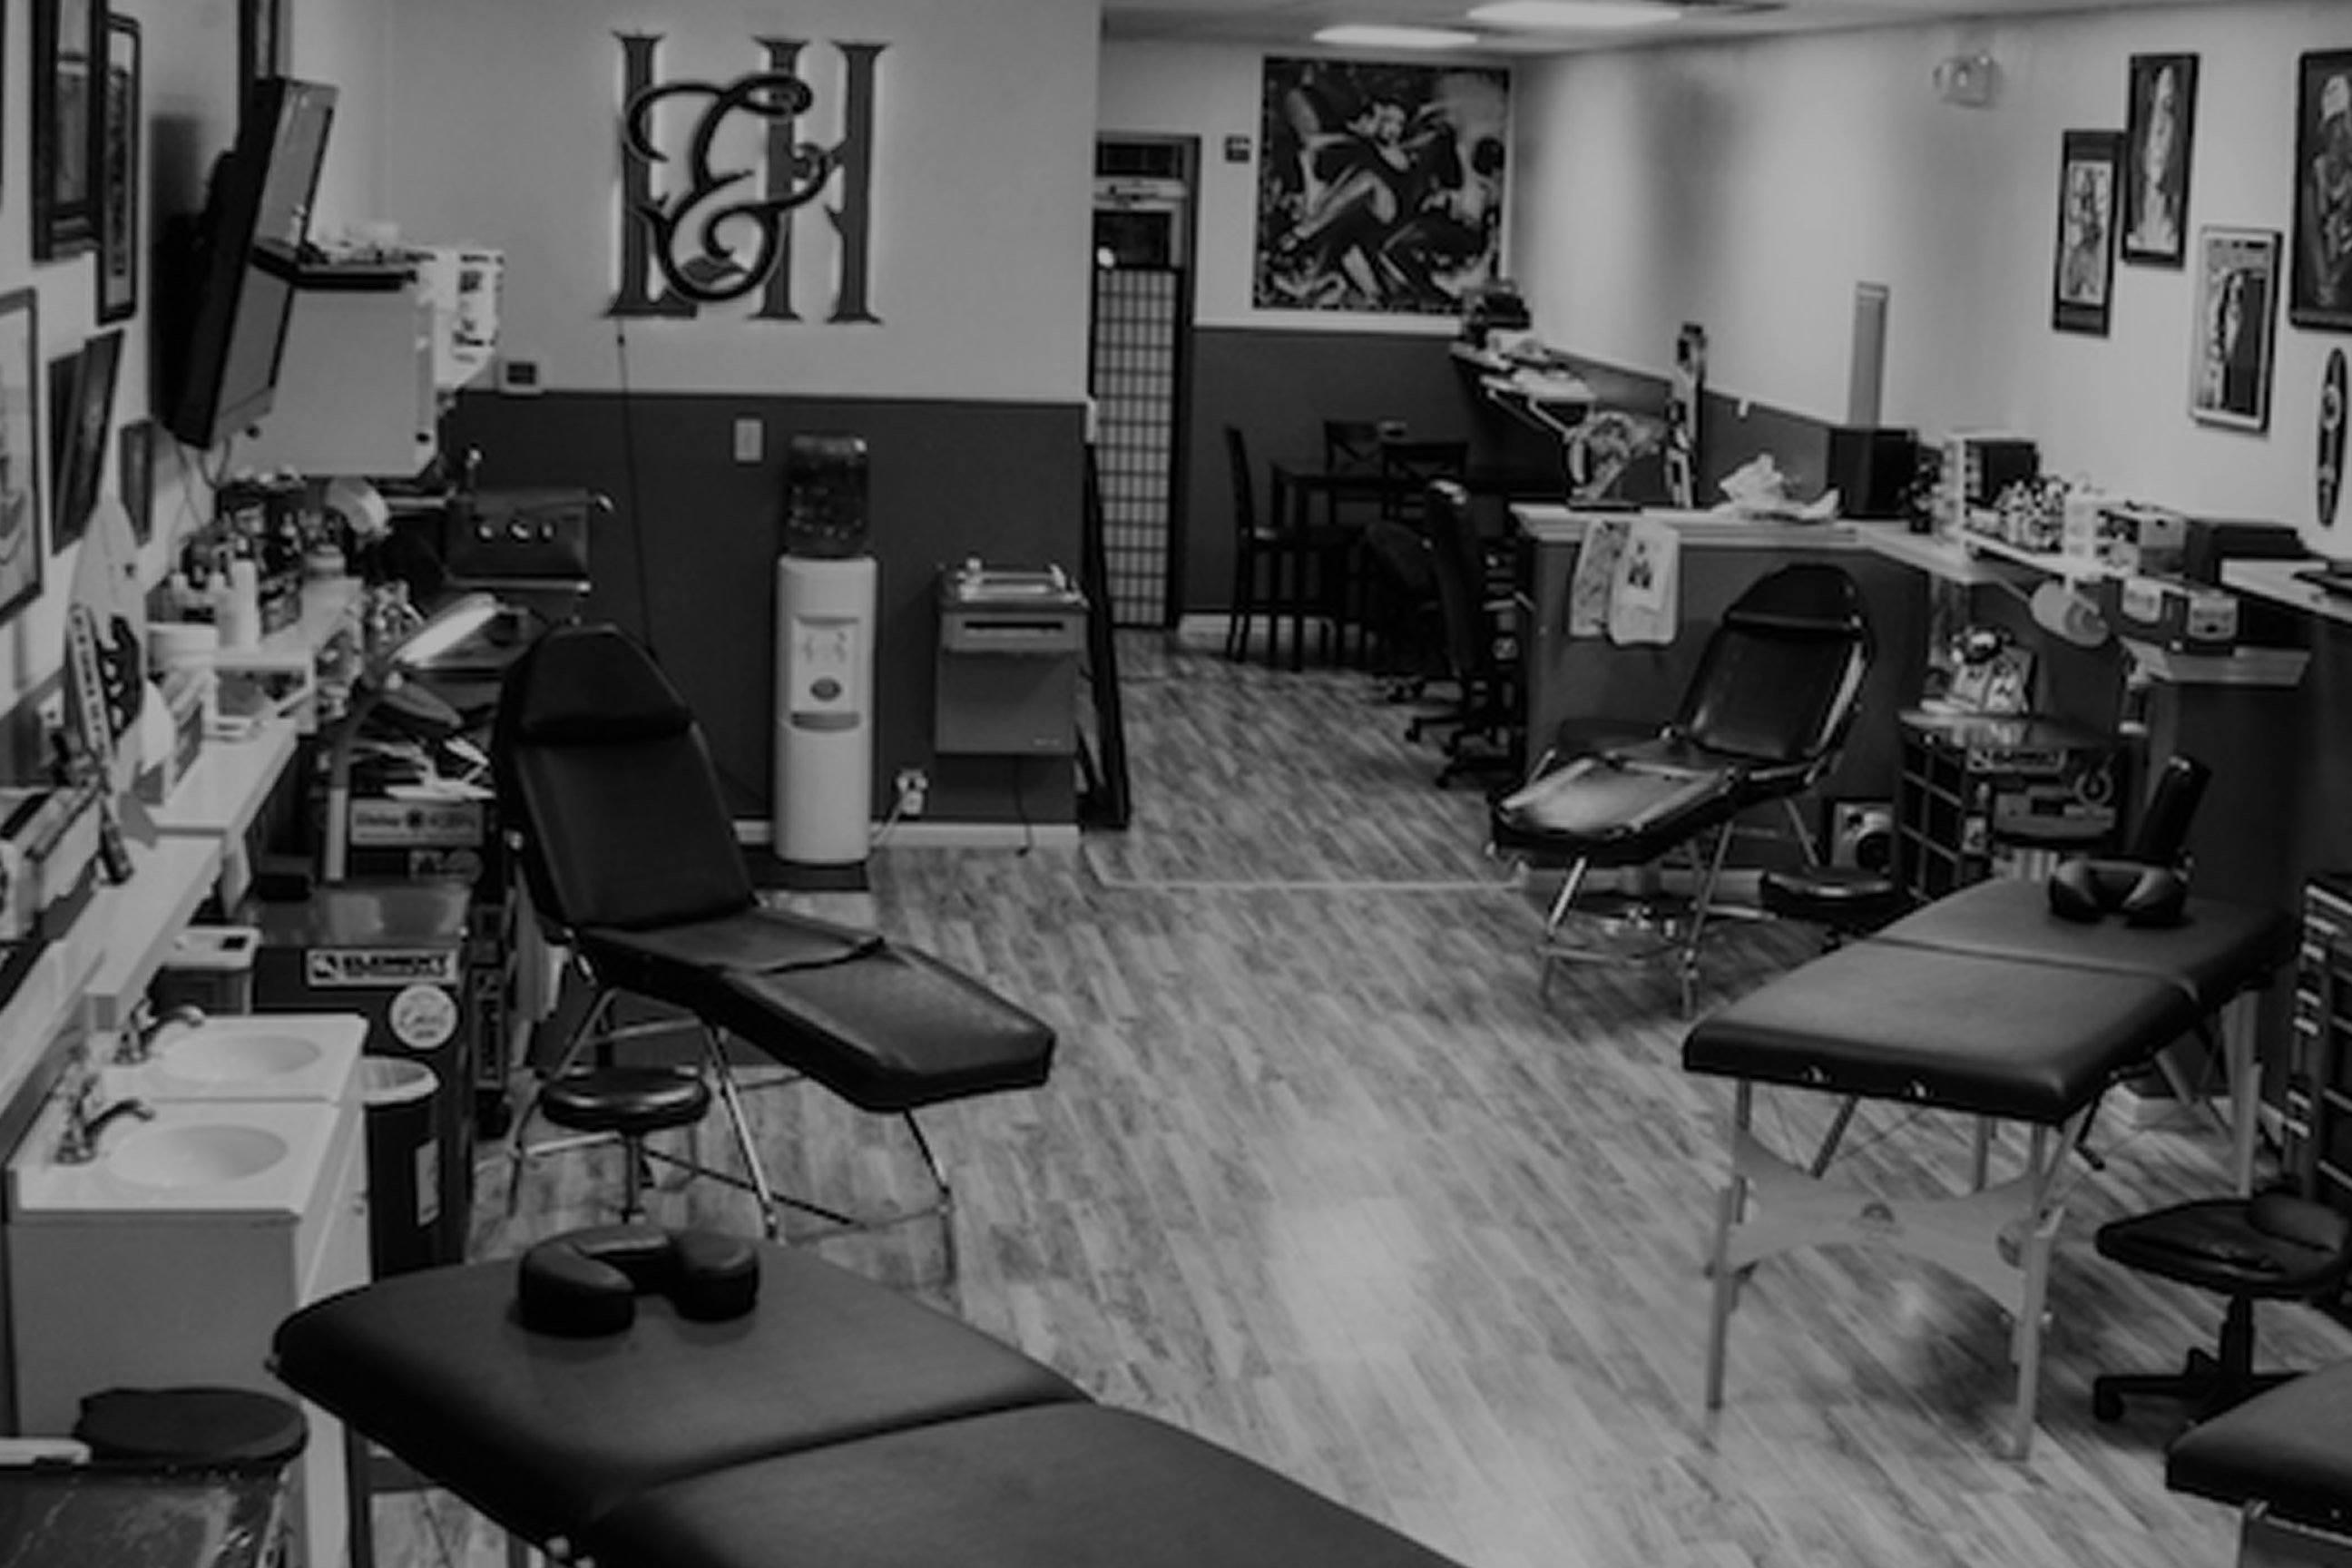 Estúdios de tatuagem